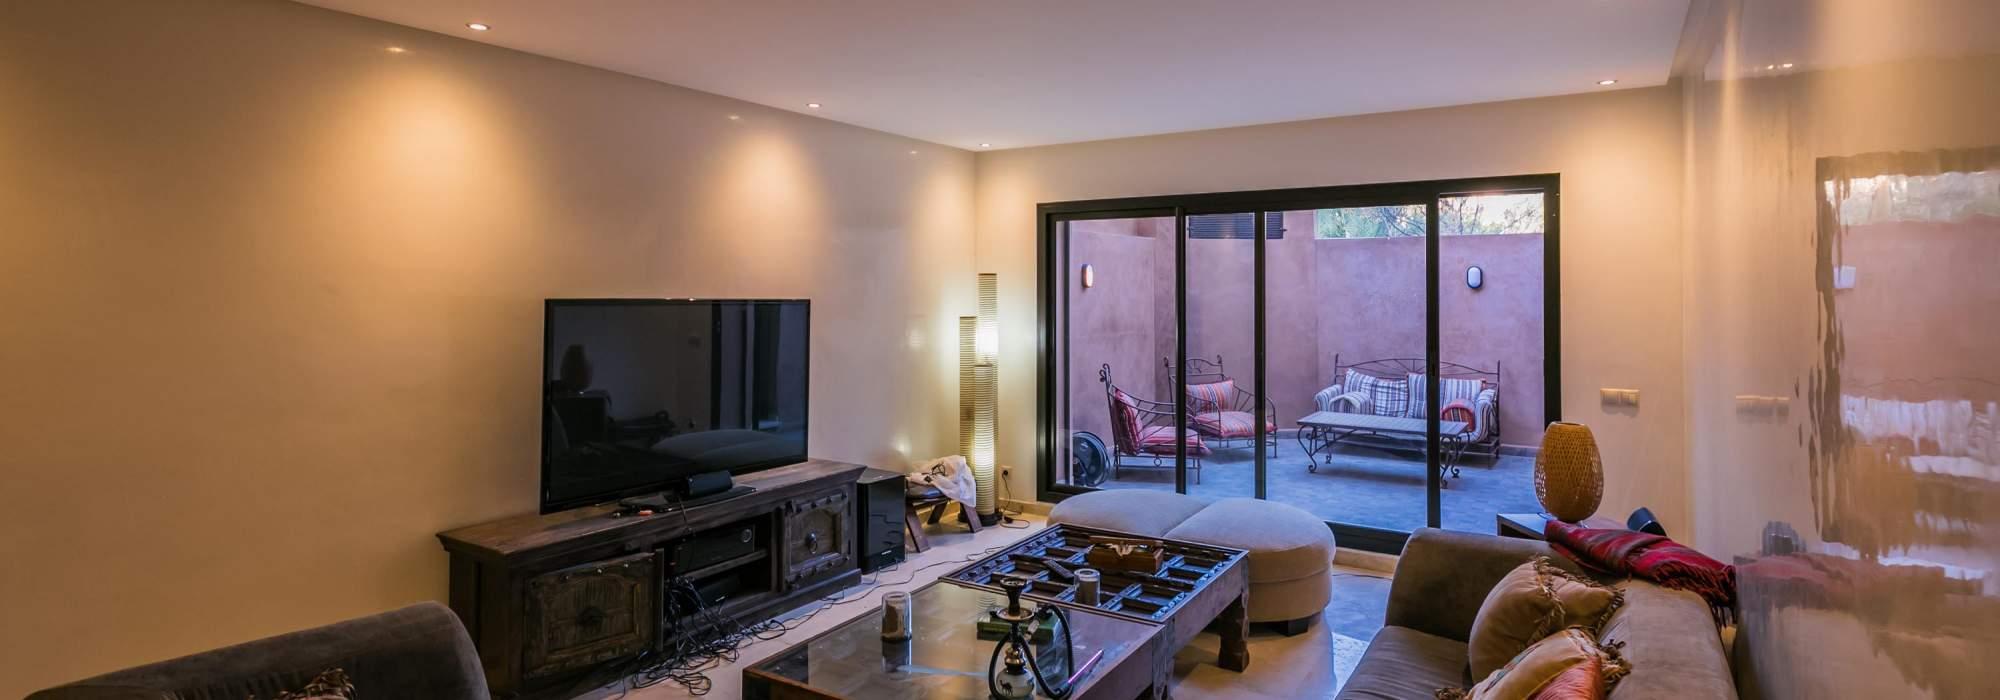 vente appartement centre ville marrakech